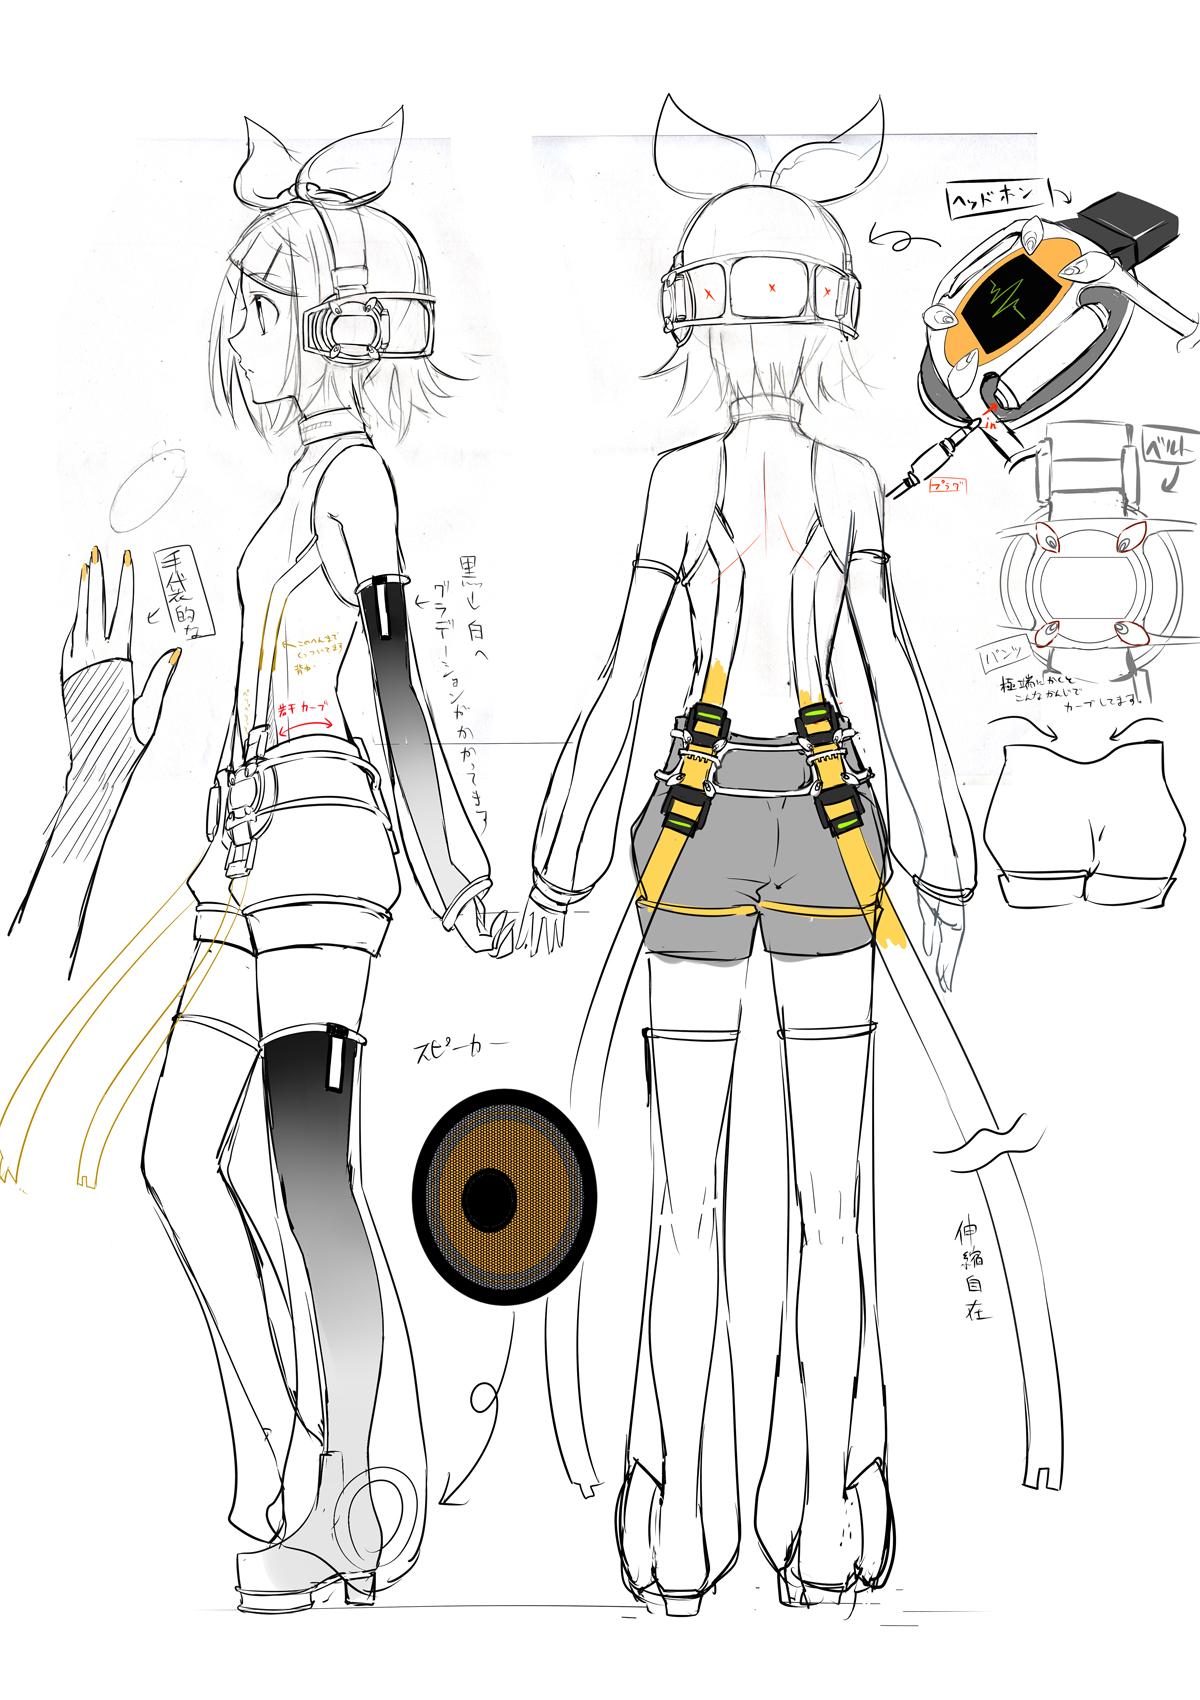 リンリンシグナル (Rin Rin Signal)